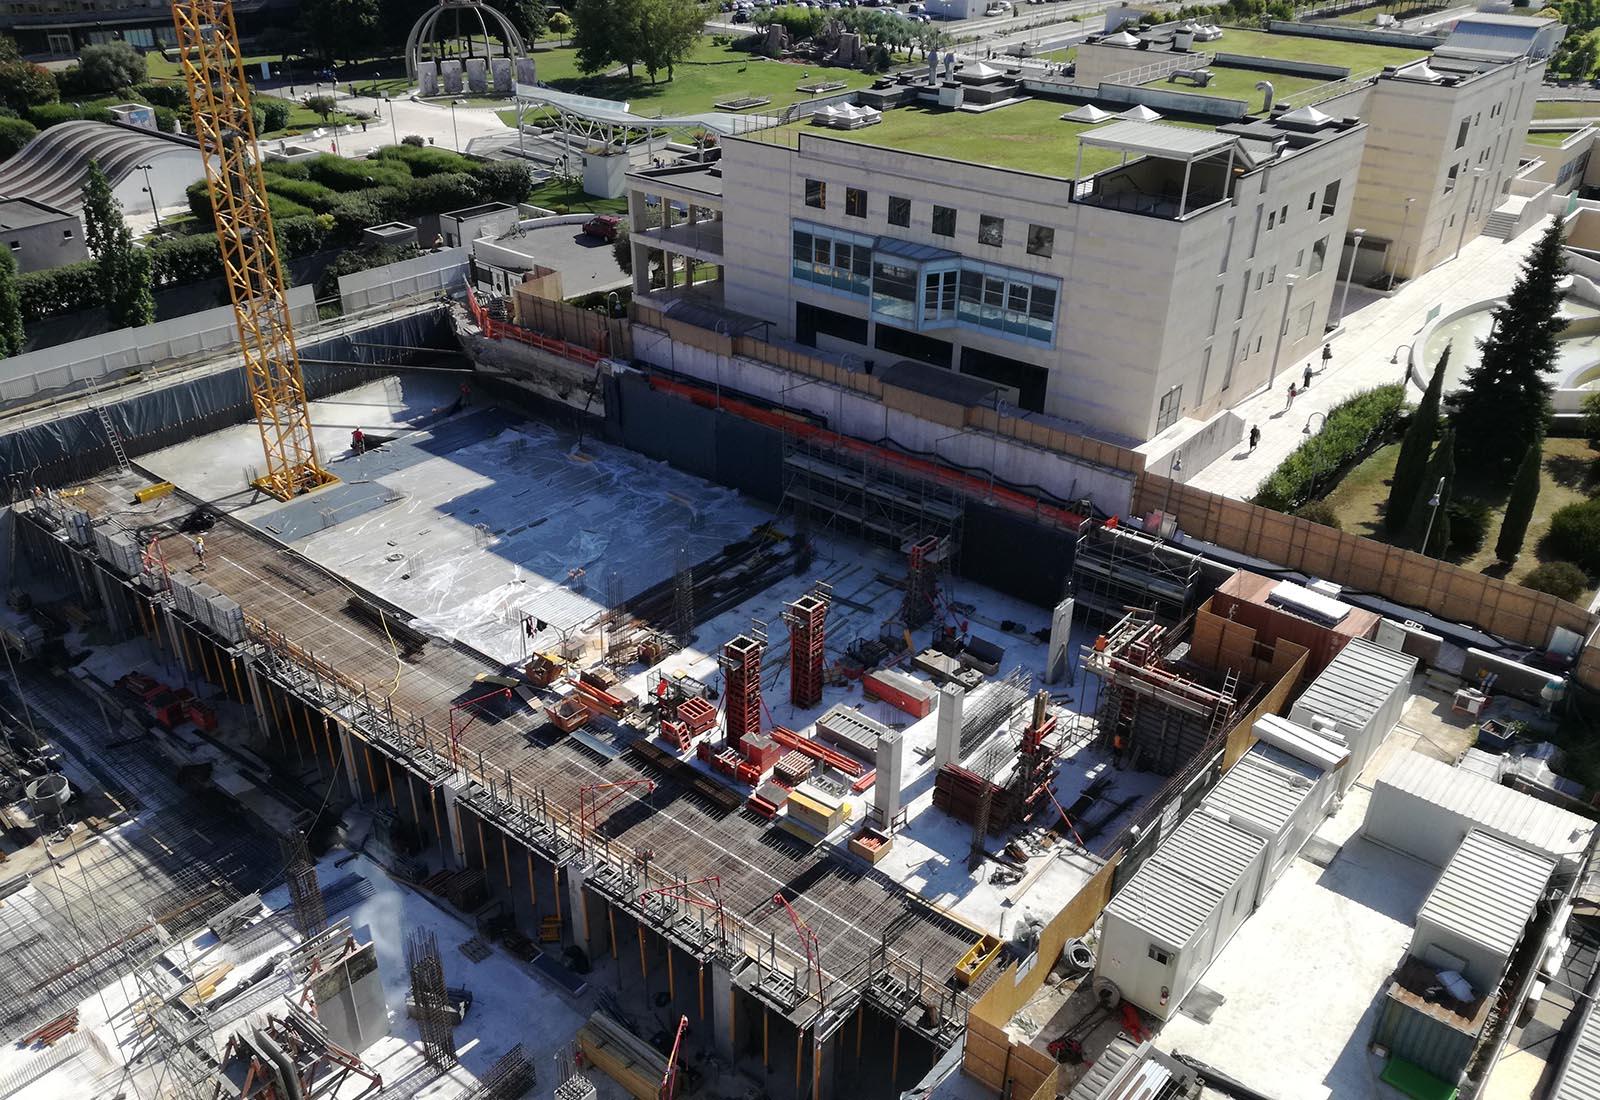 Ampliamento Ospedale San Raffaele a Milano - Il lato occidentale del cantiere